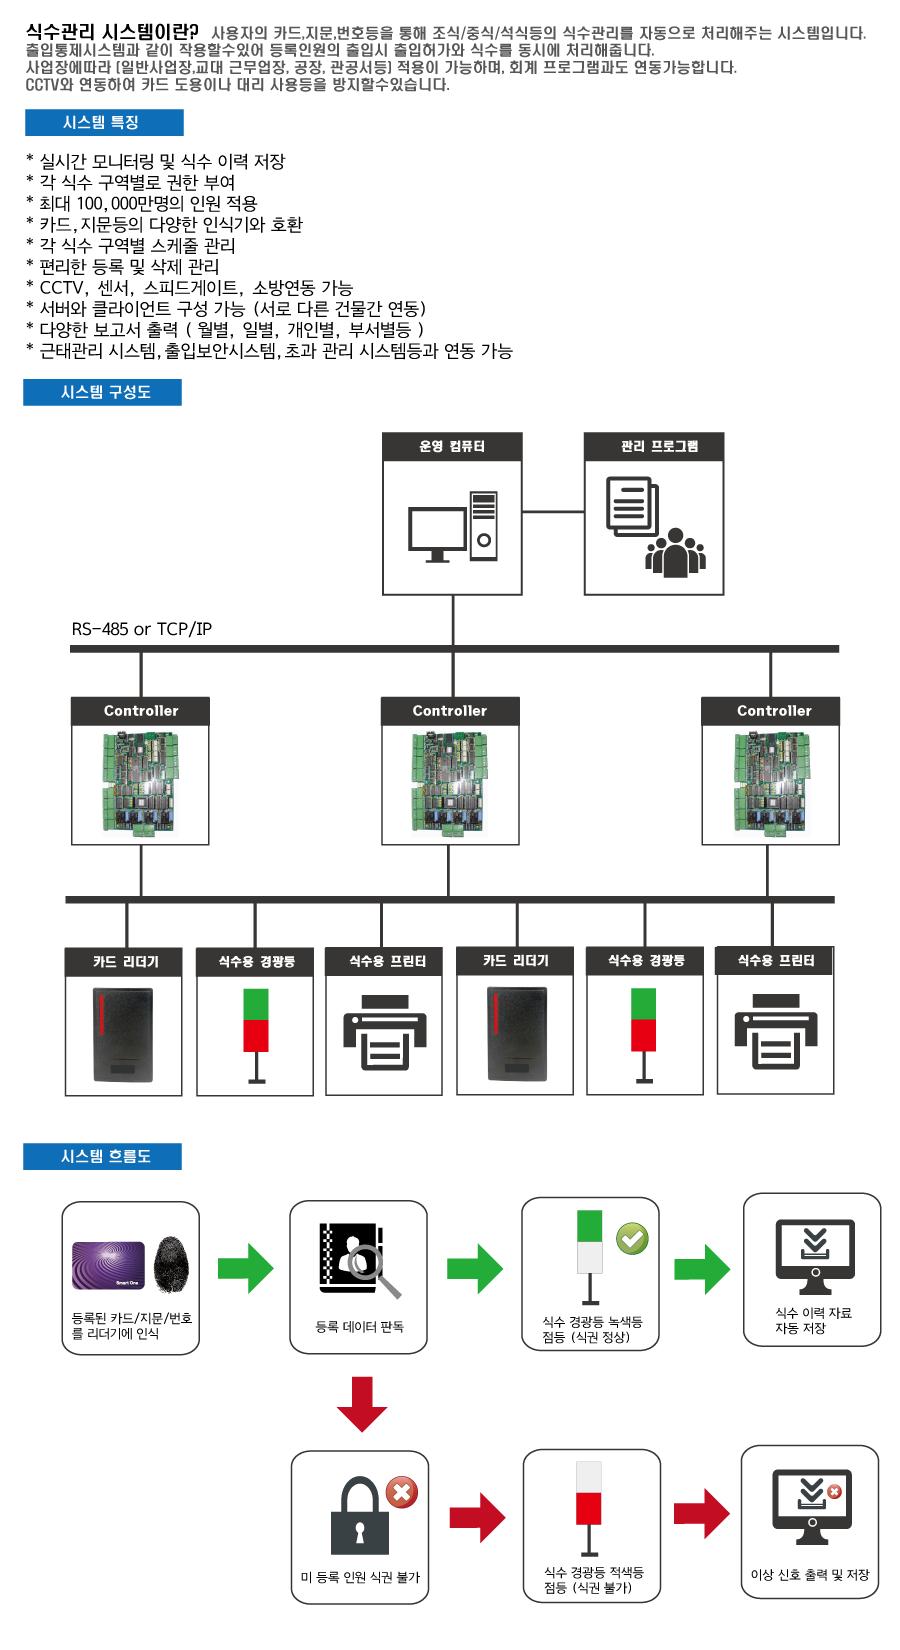 솔루션(식수관리시스템).png